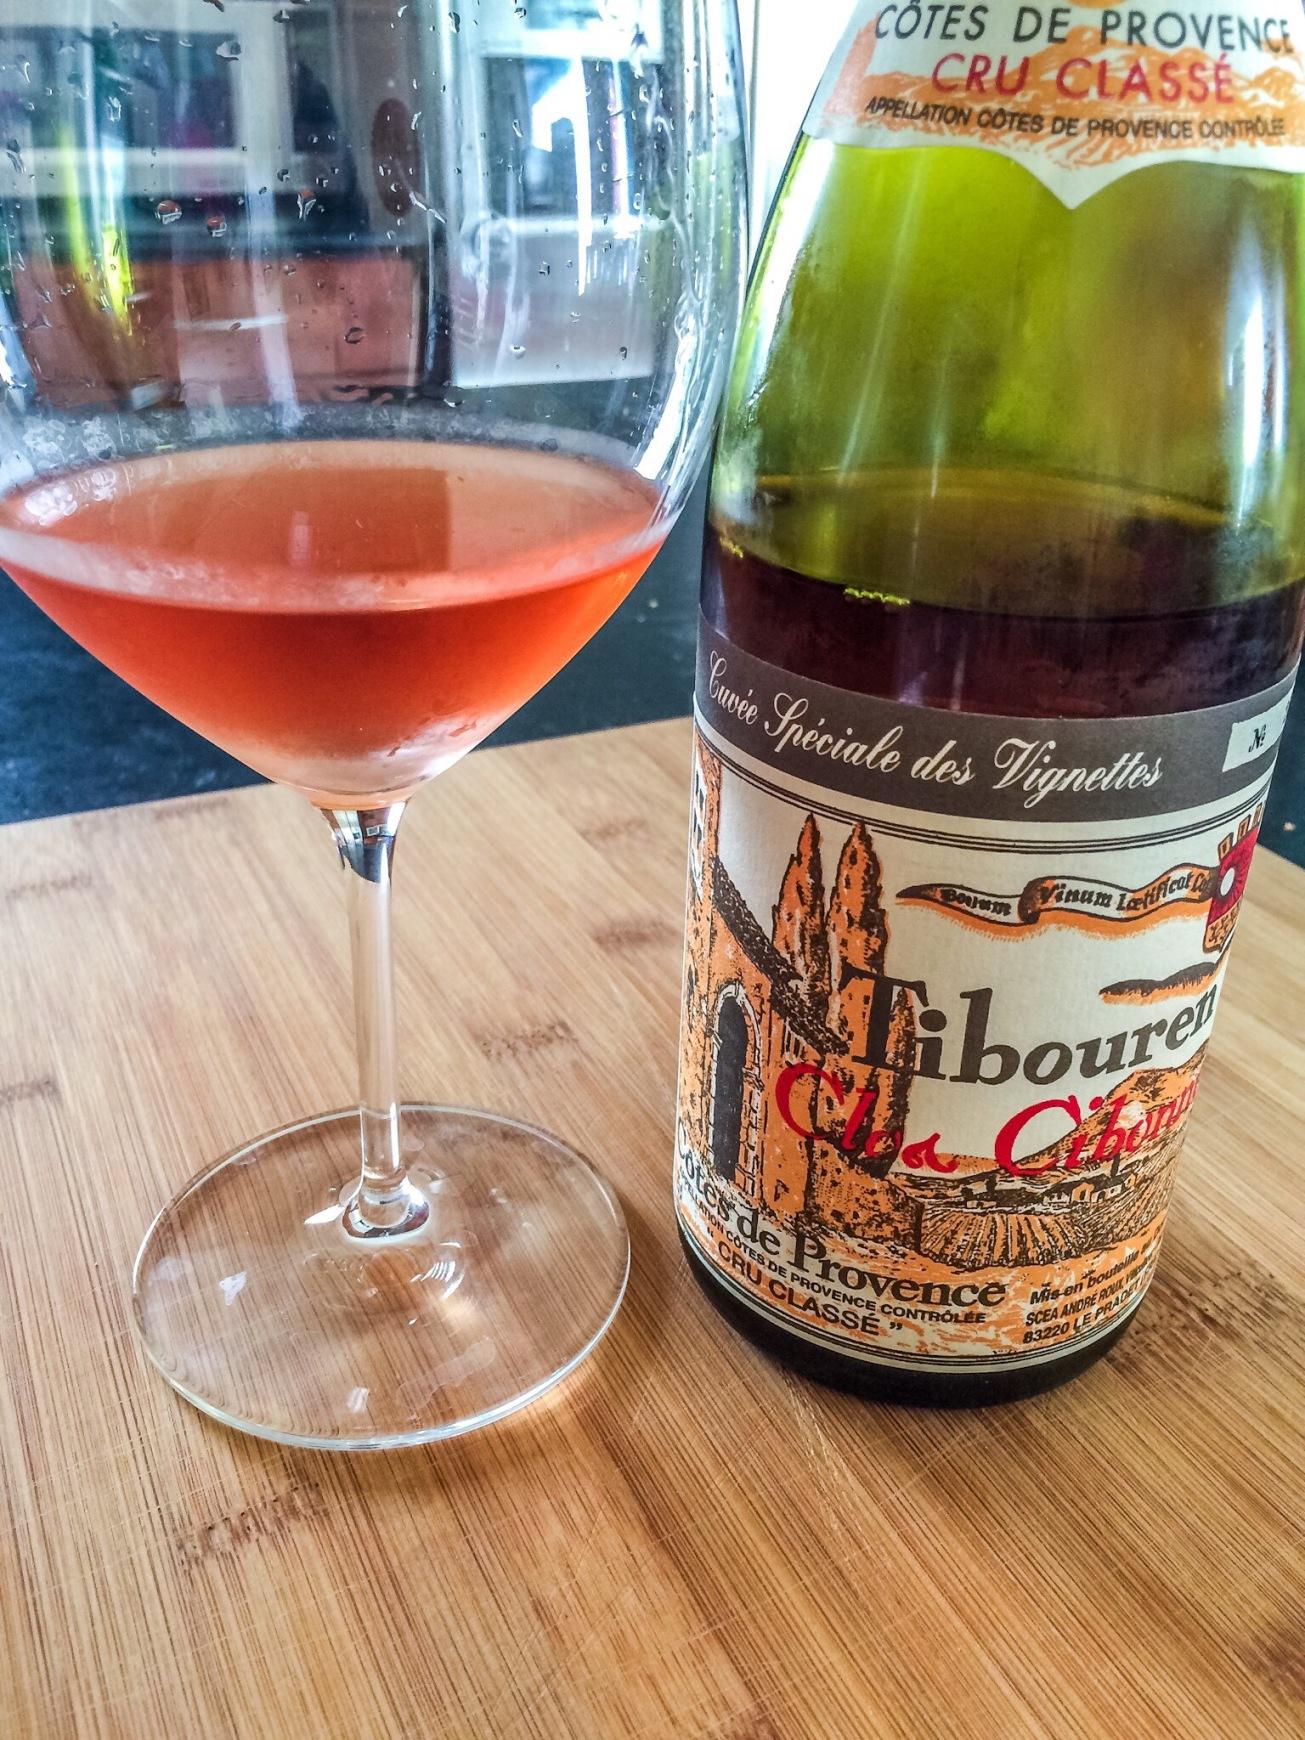 2012 Clos Cibonne Tibouren Côtes de Provence Rosé Cuvée Spéciale des Vignettes